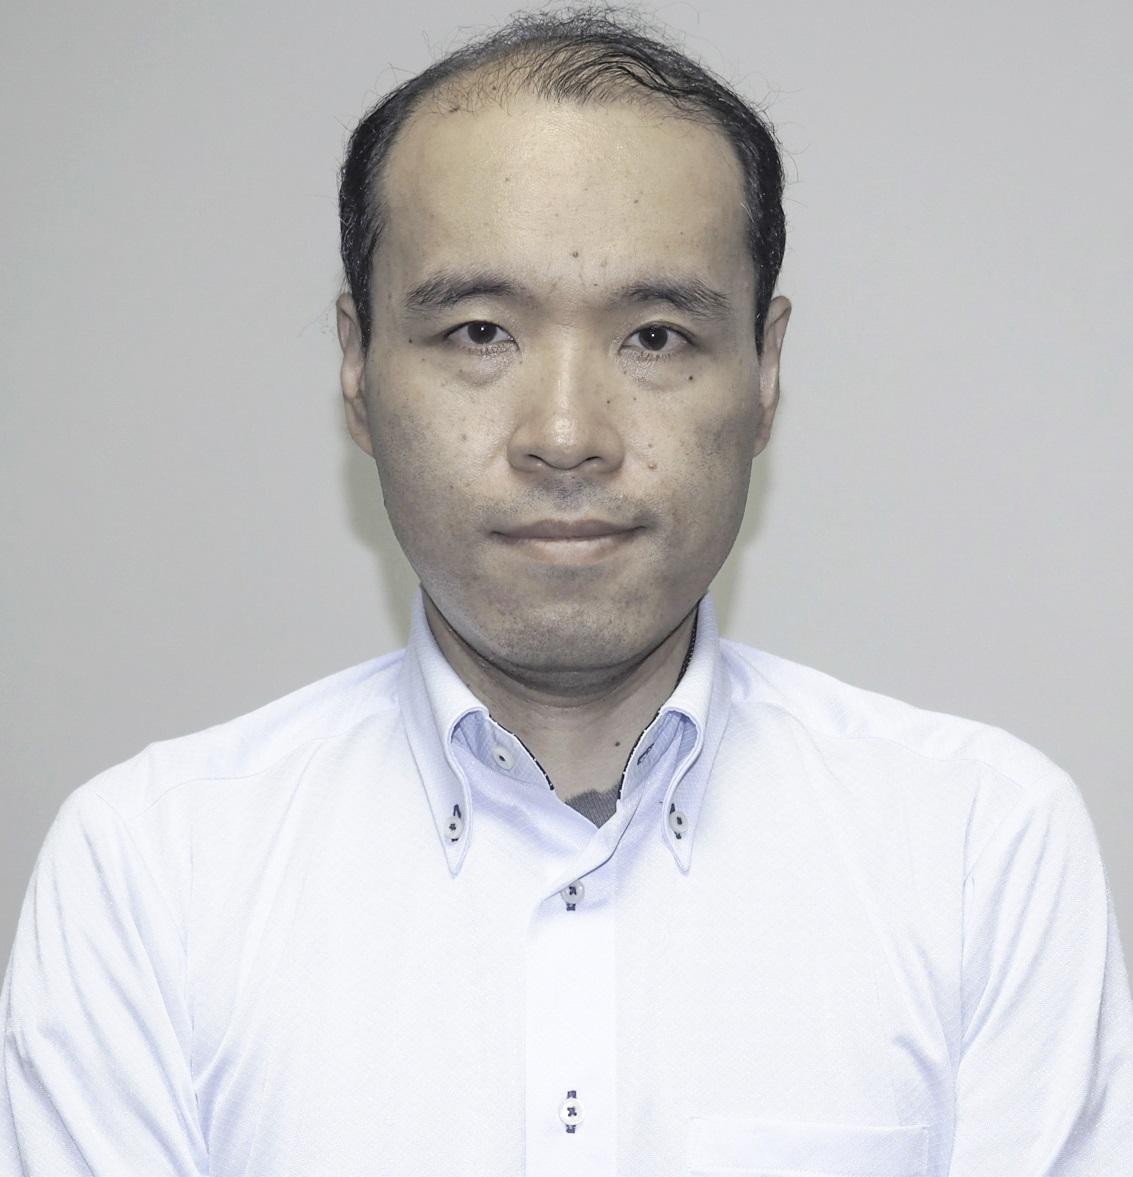 赤木 康宏 AKAGI Yasuhiro、名古屋大学Nagoya University